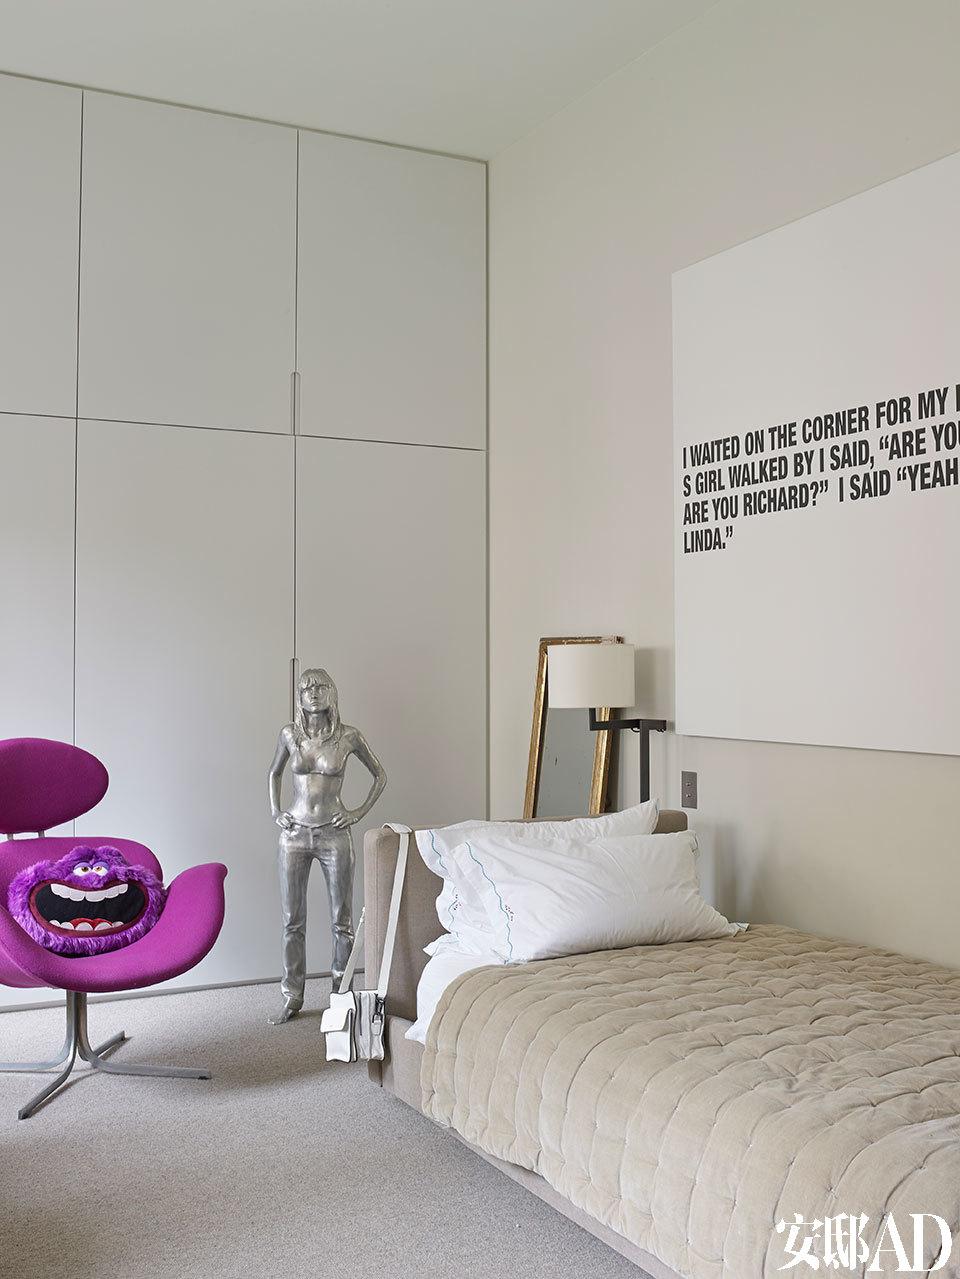 一间儿童房中,摆着Christian Liaigre设计的落地灯、Xavier Veillant创作的Silver Girl雕塑和Pierre Paulin设计于1965年的TulipF551扶手椅,墙上的丙烯和喷墨画作是Richard Prince于2011年创作的。